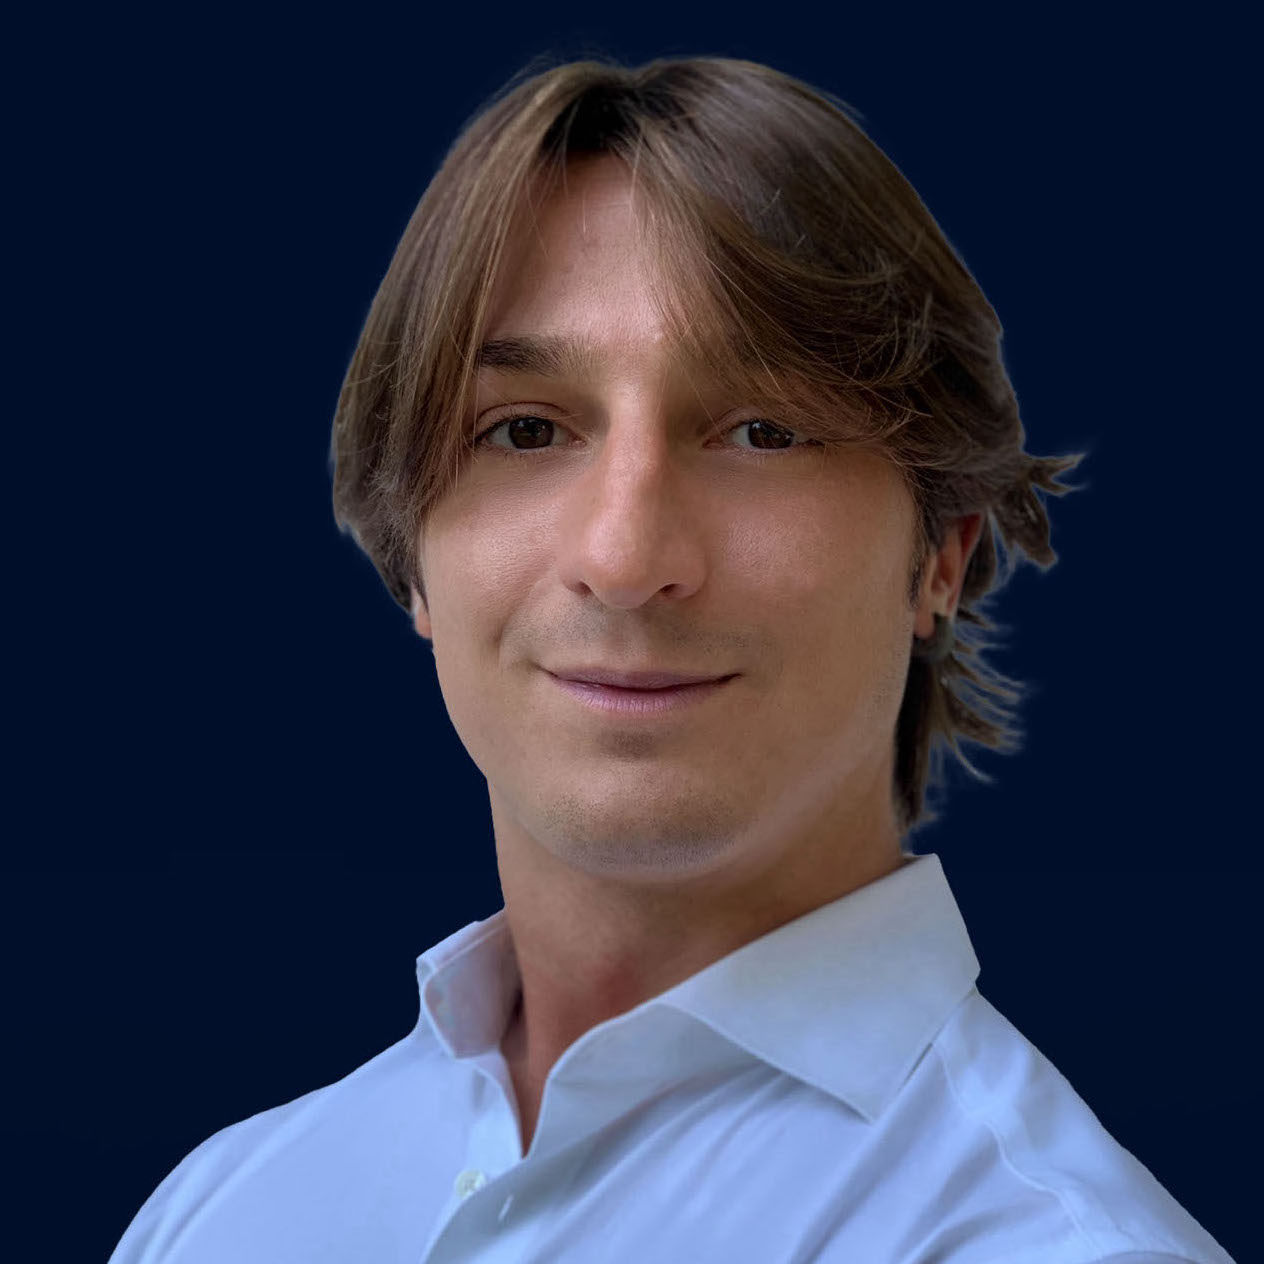 Andrea Trucchia